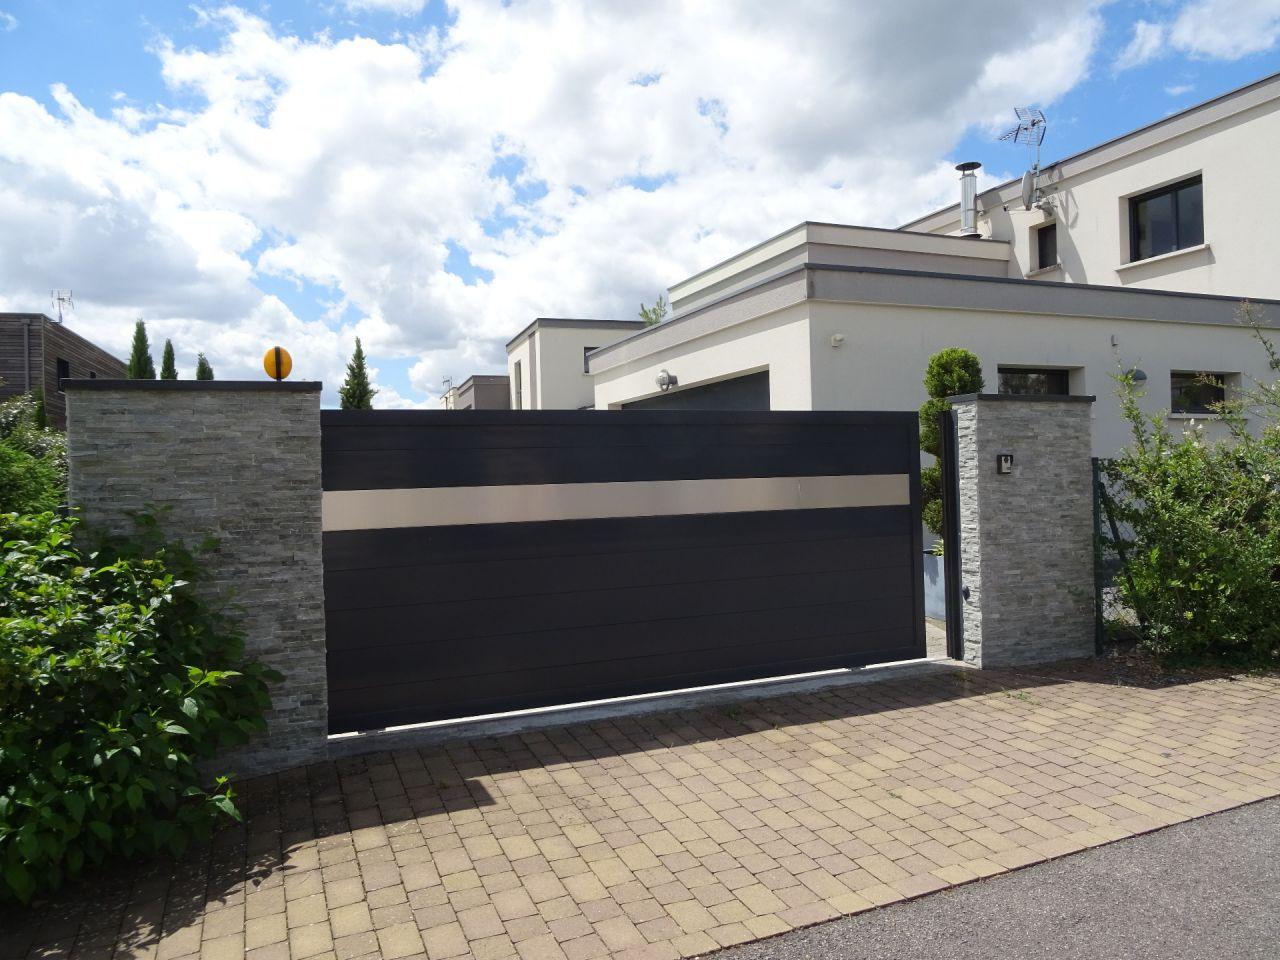 Avis sur parexlanko g50 gris cendre Produit pour facade maison